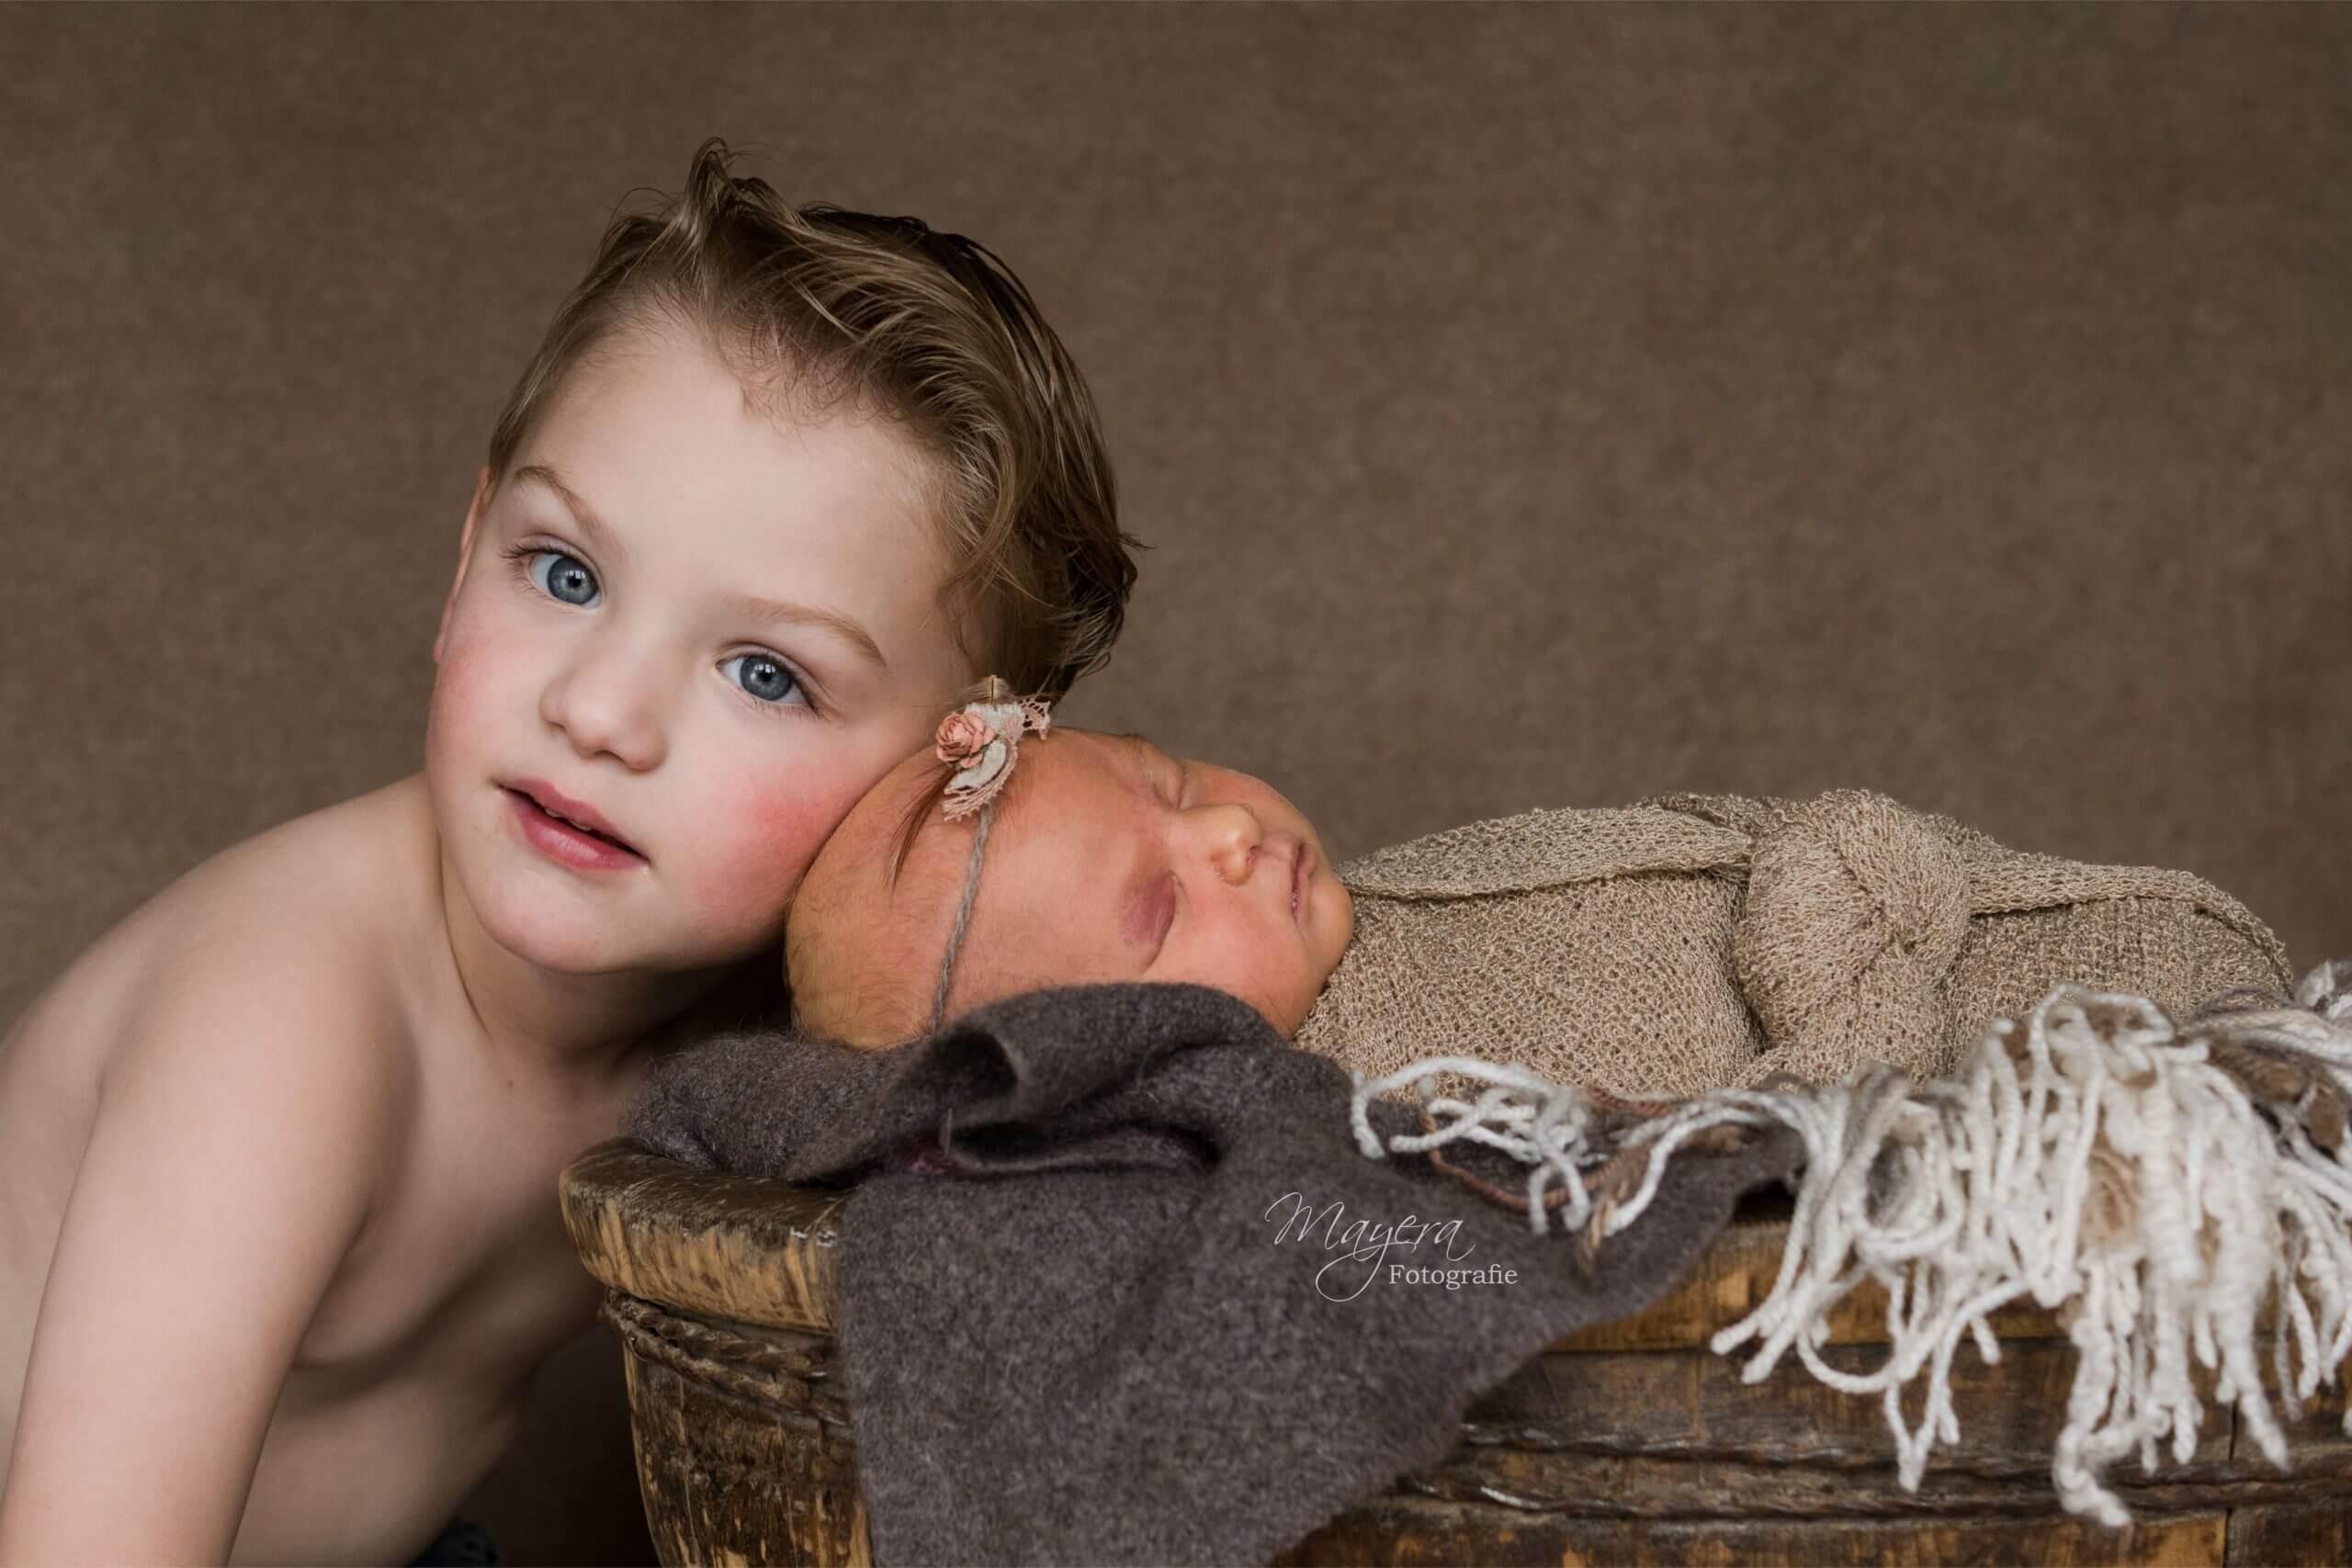 grote broer newborn sessie